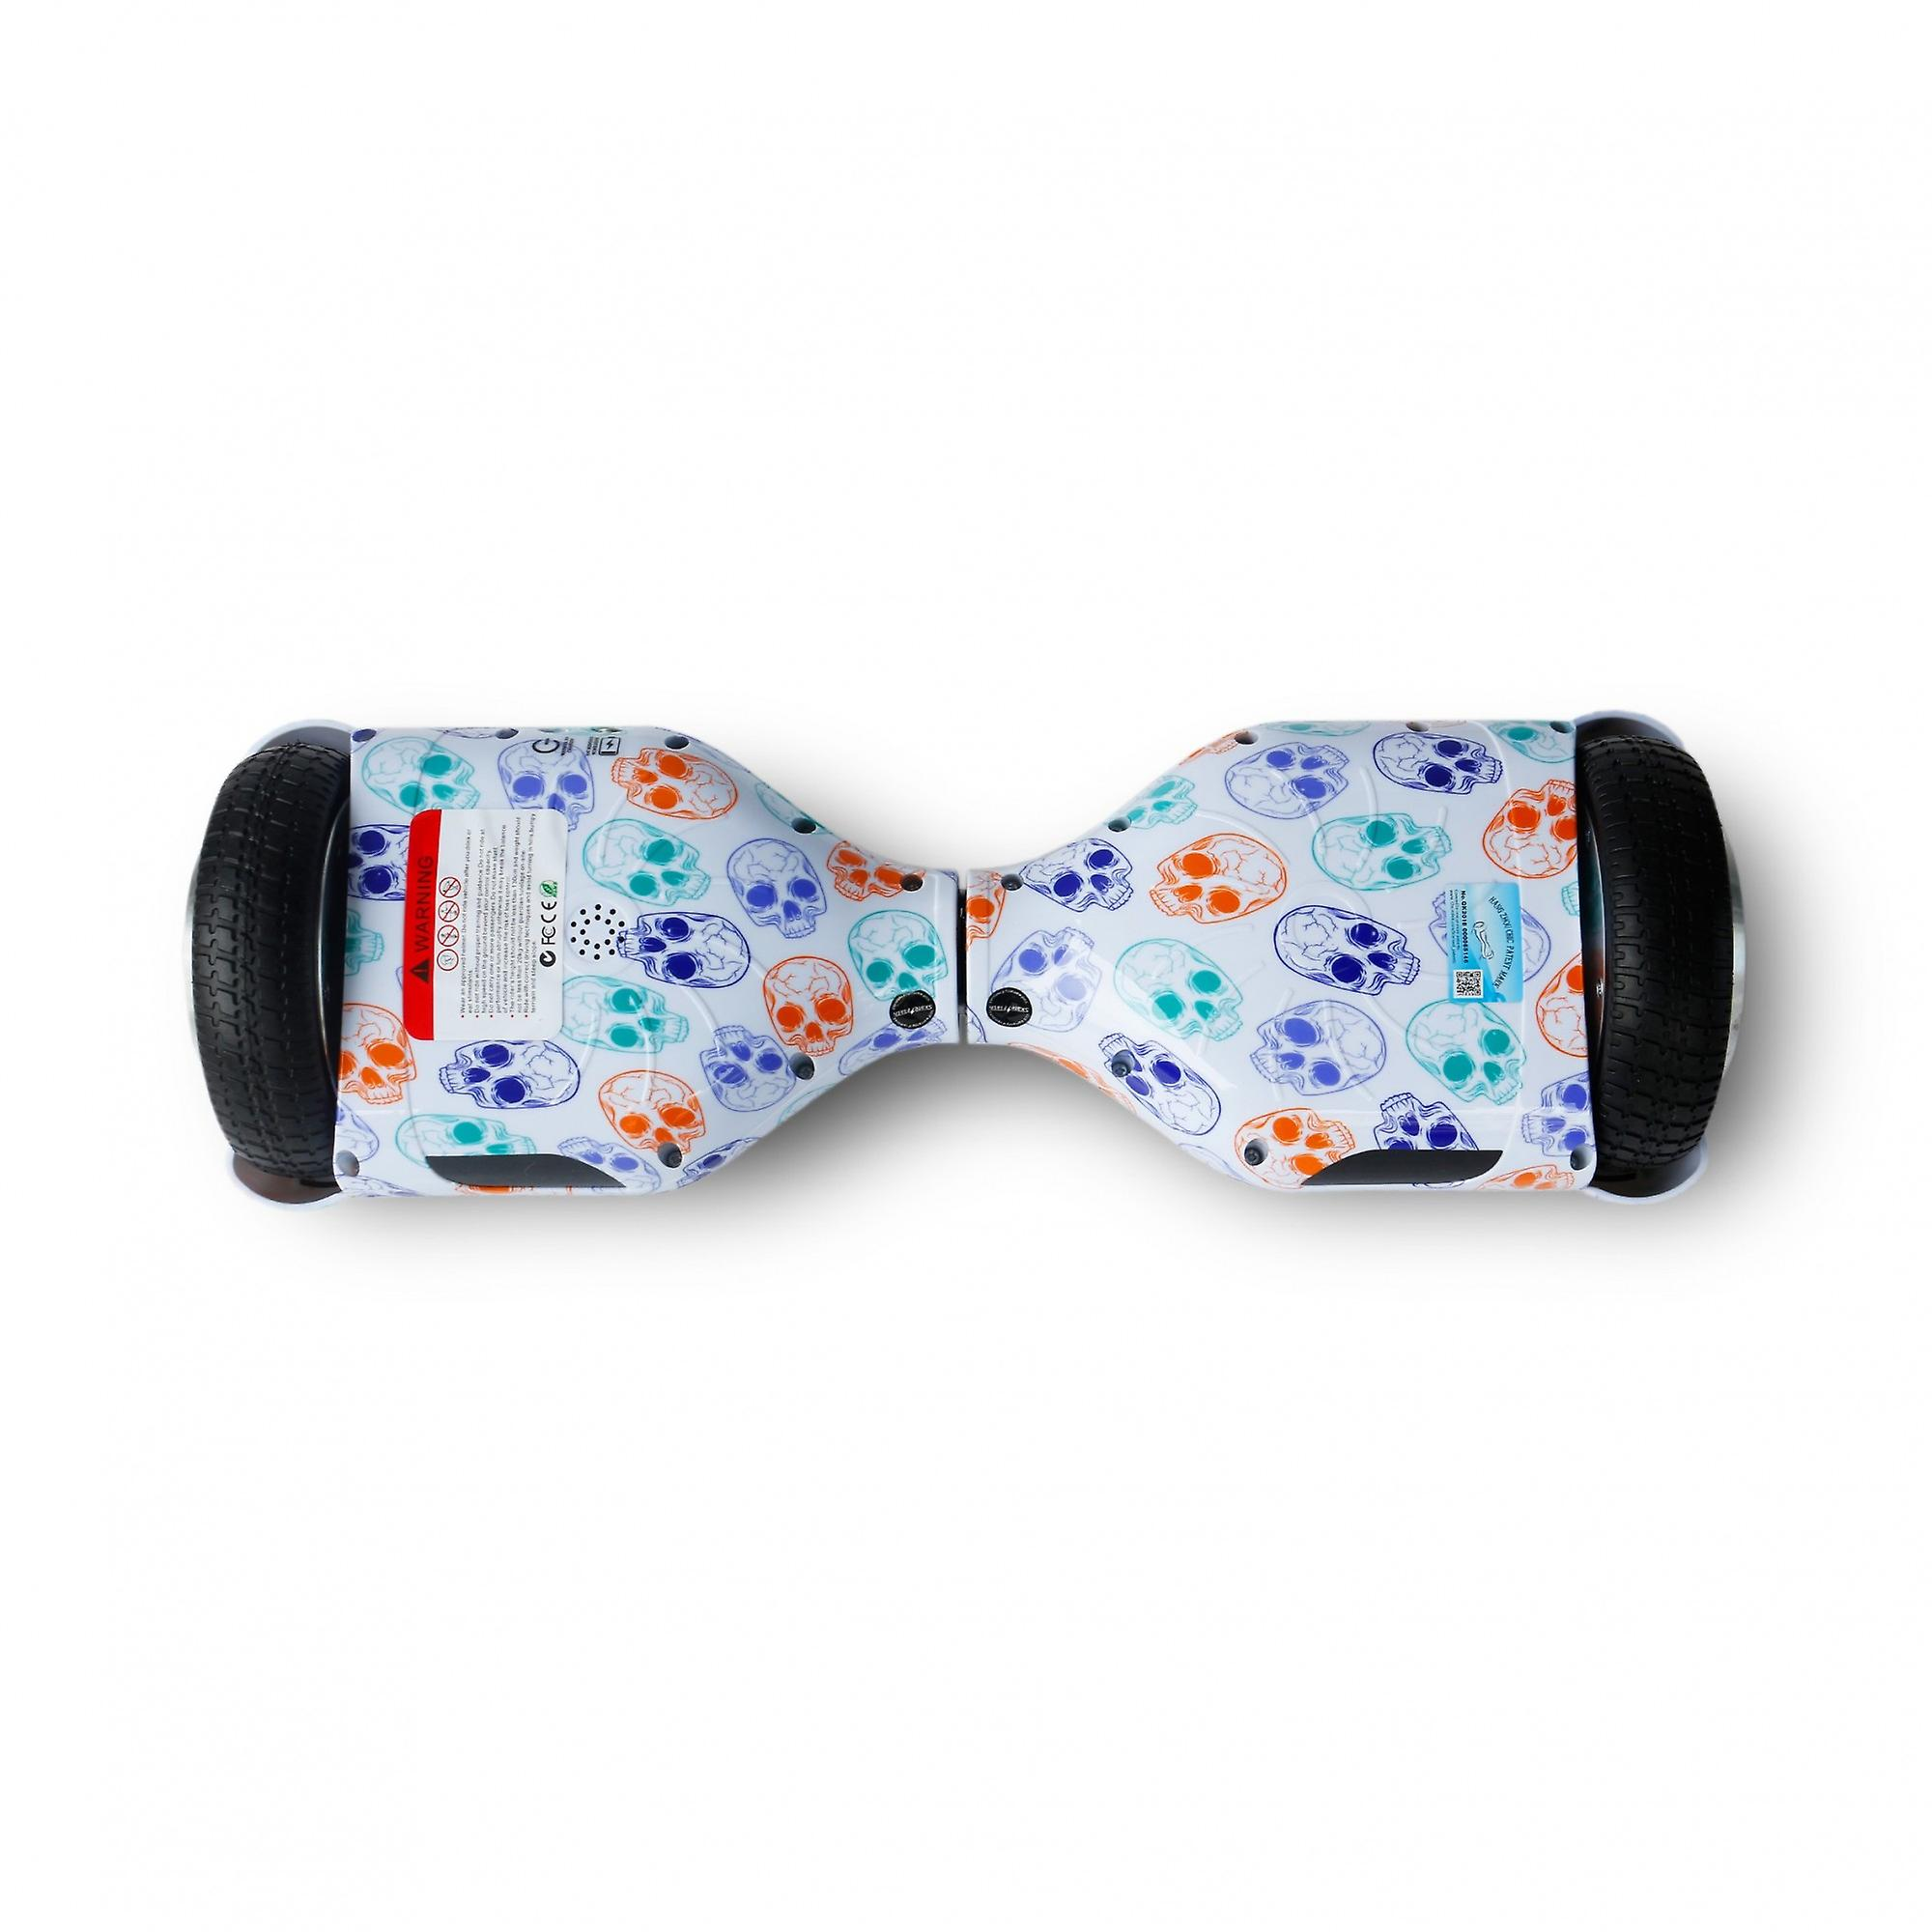 Hoverboard Skateflash K6 Pirate Bluetooth + Transport Bag